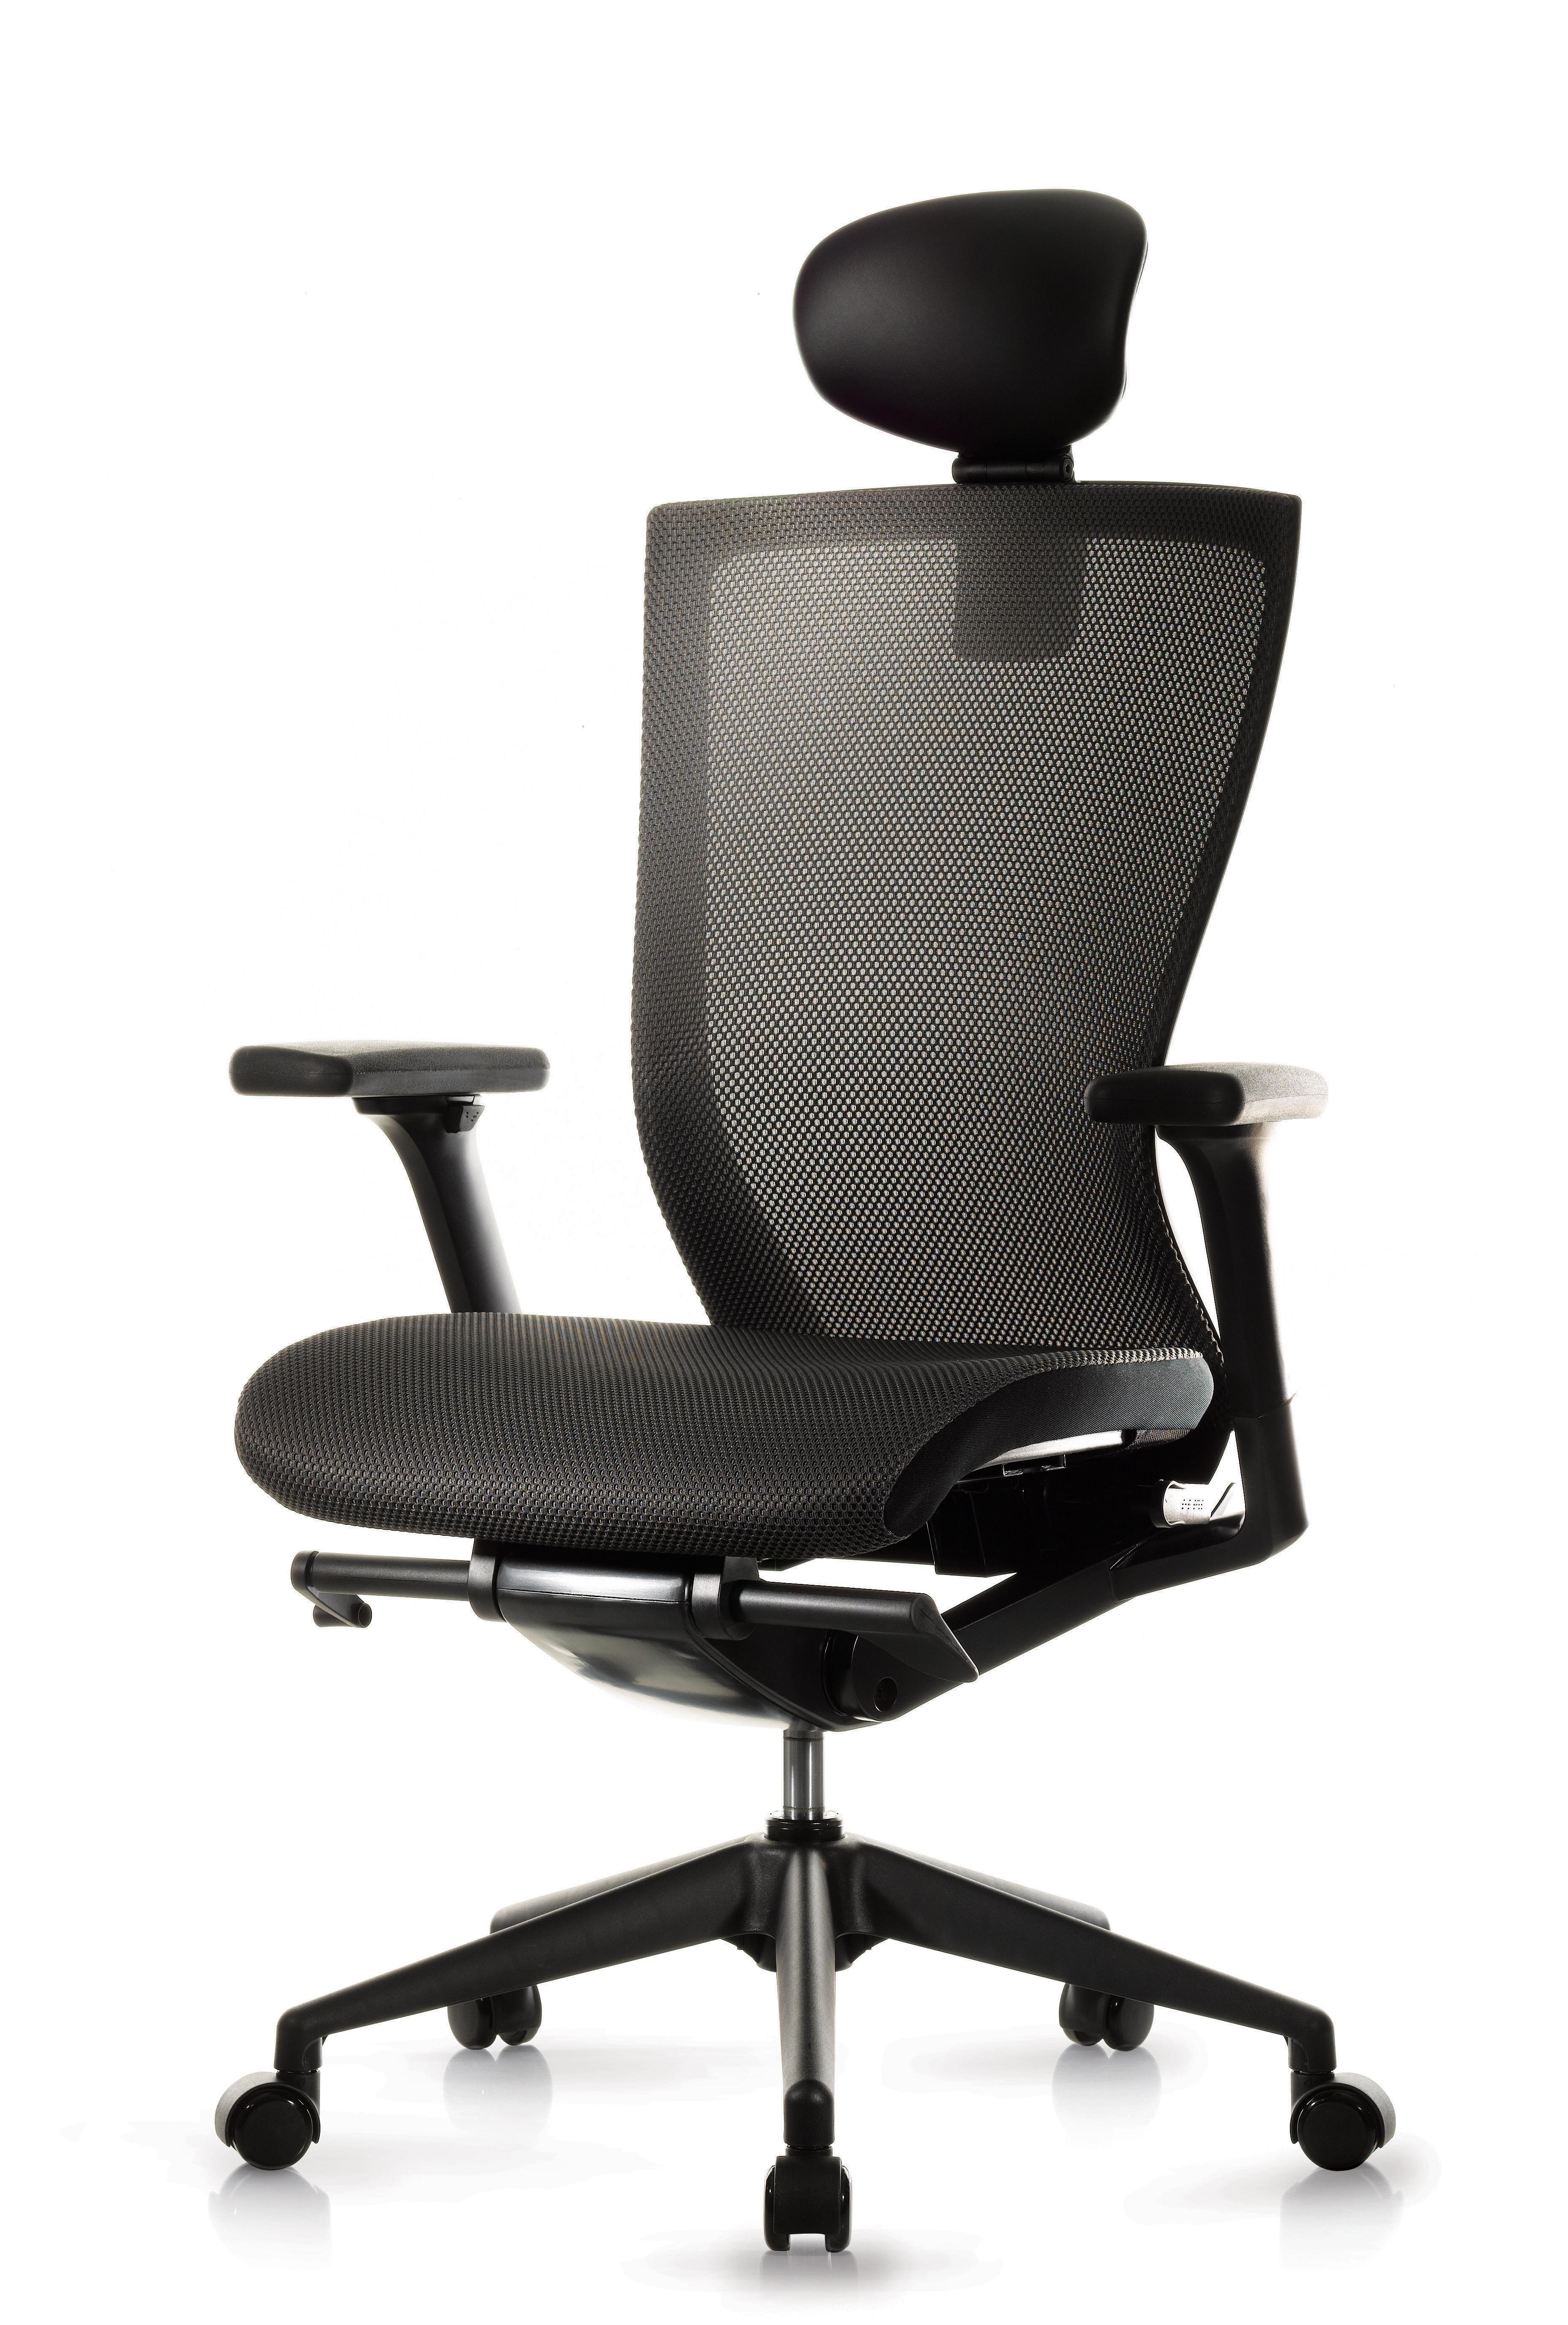 Medium Back Armchair with Headrest